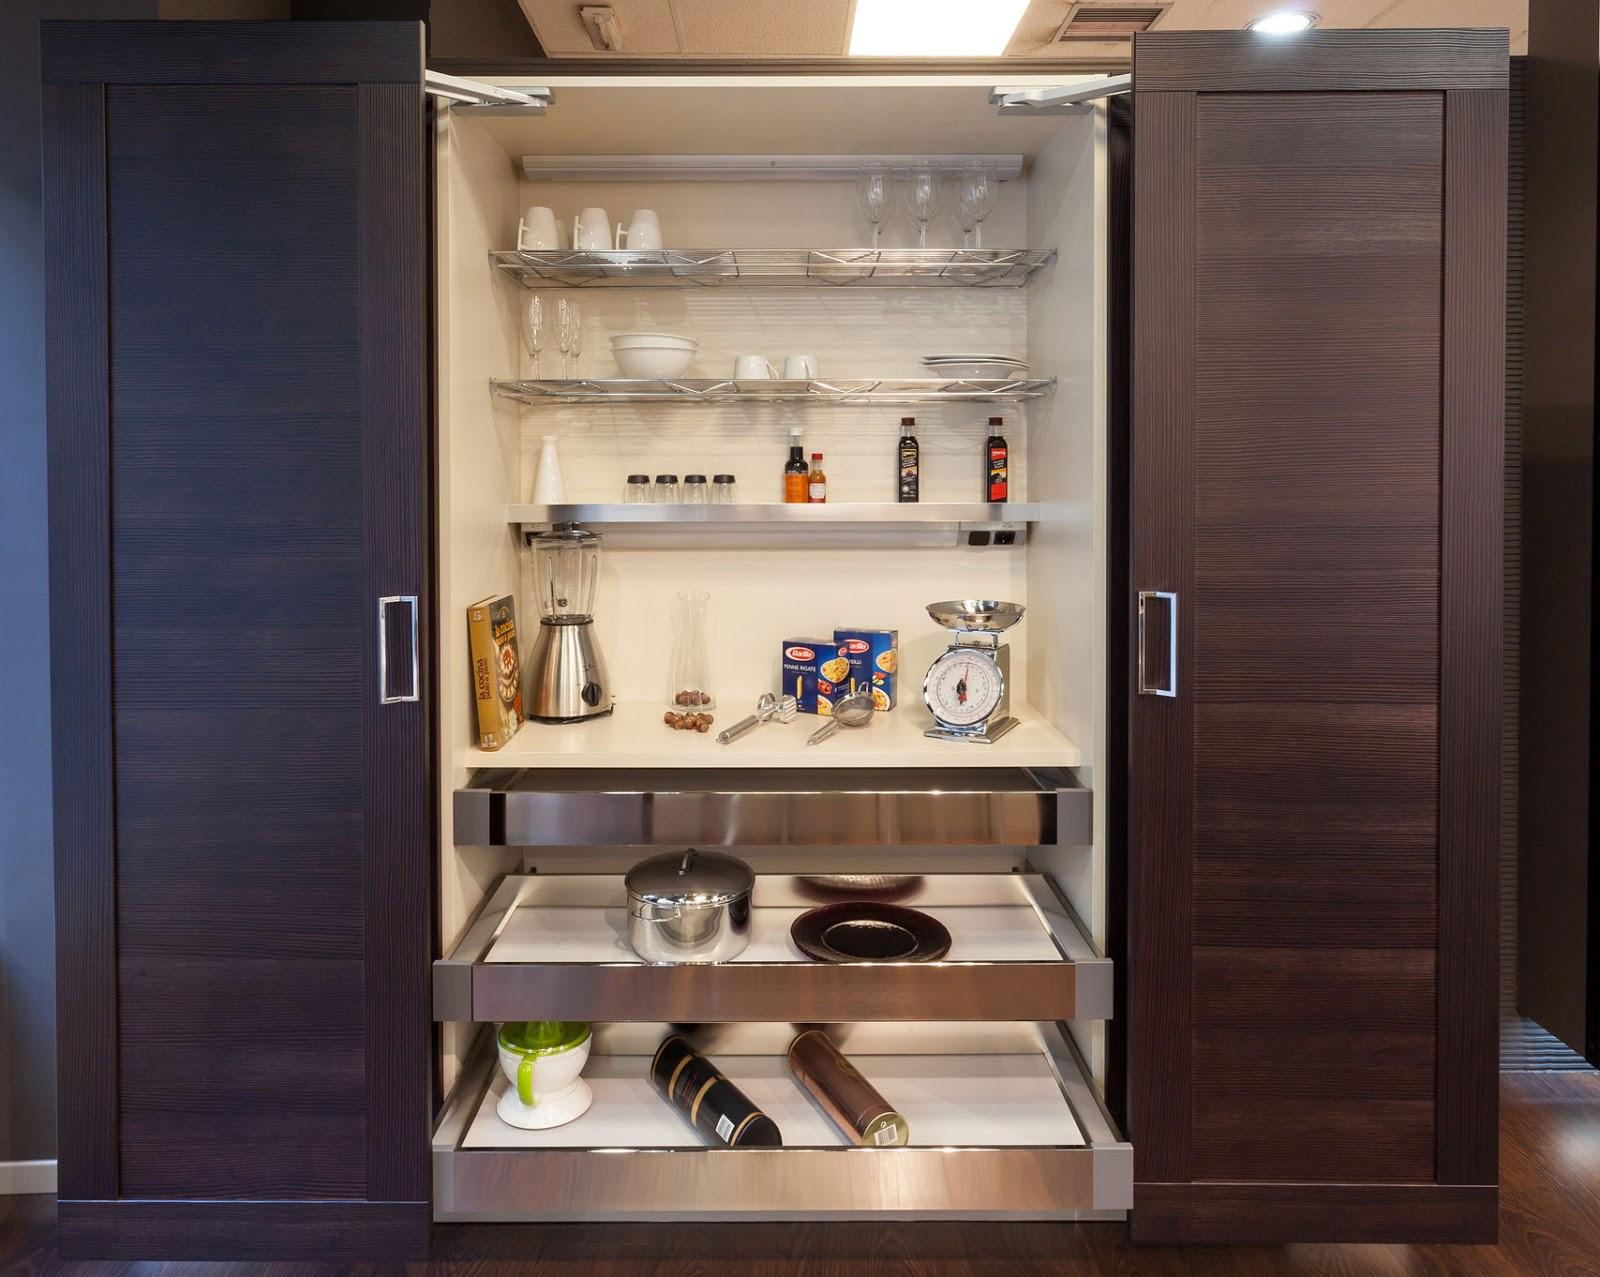 Cooking Design Art Armarios Empotrados Vestidores O Clossets - Armarios-empotrados-de-aluminio